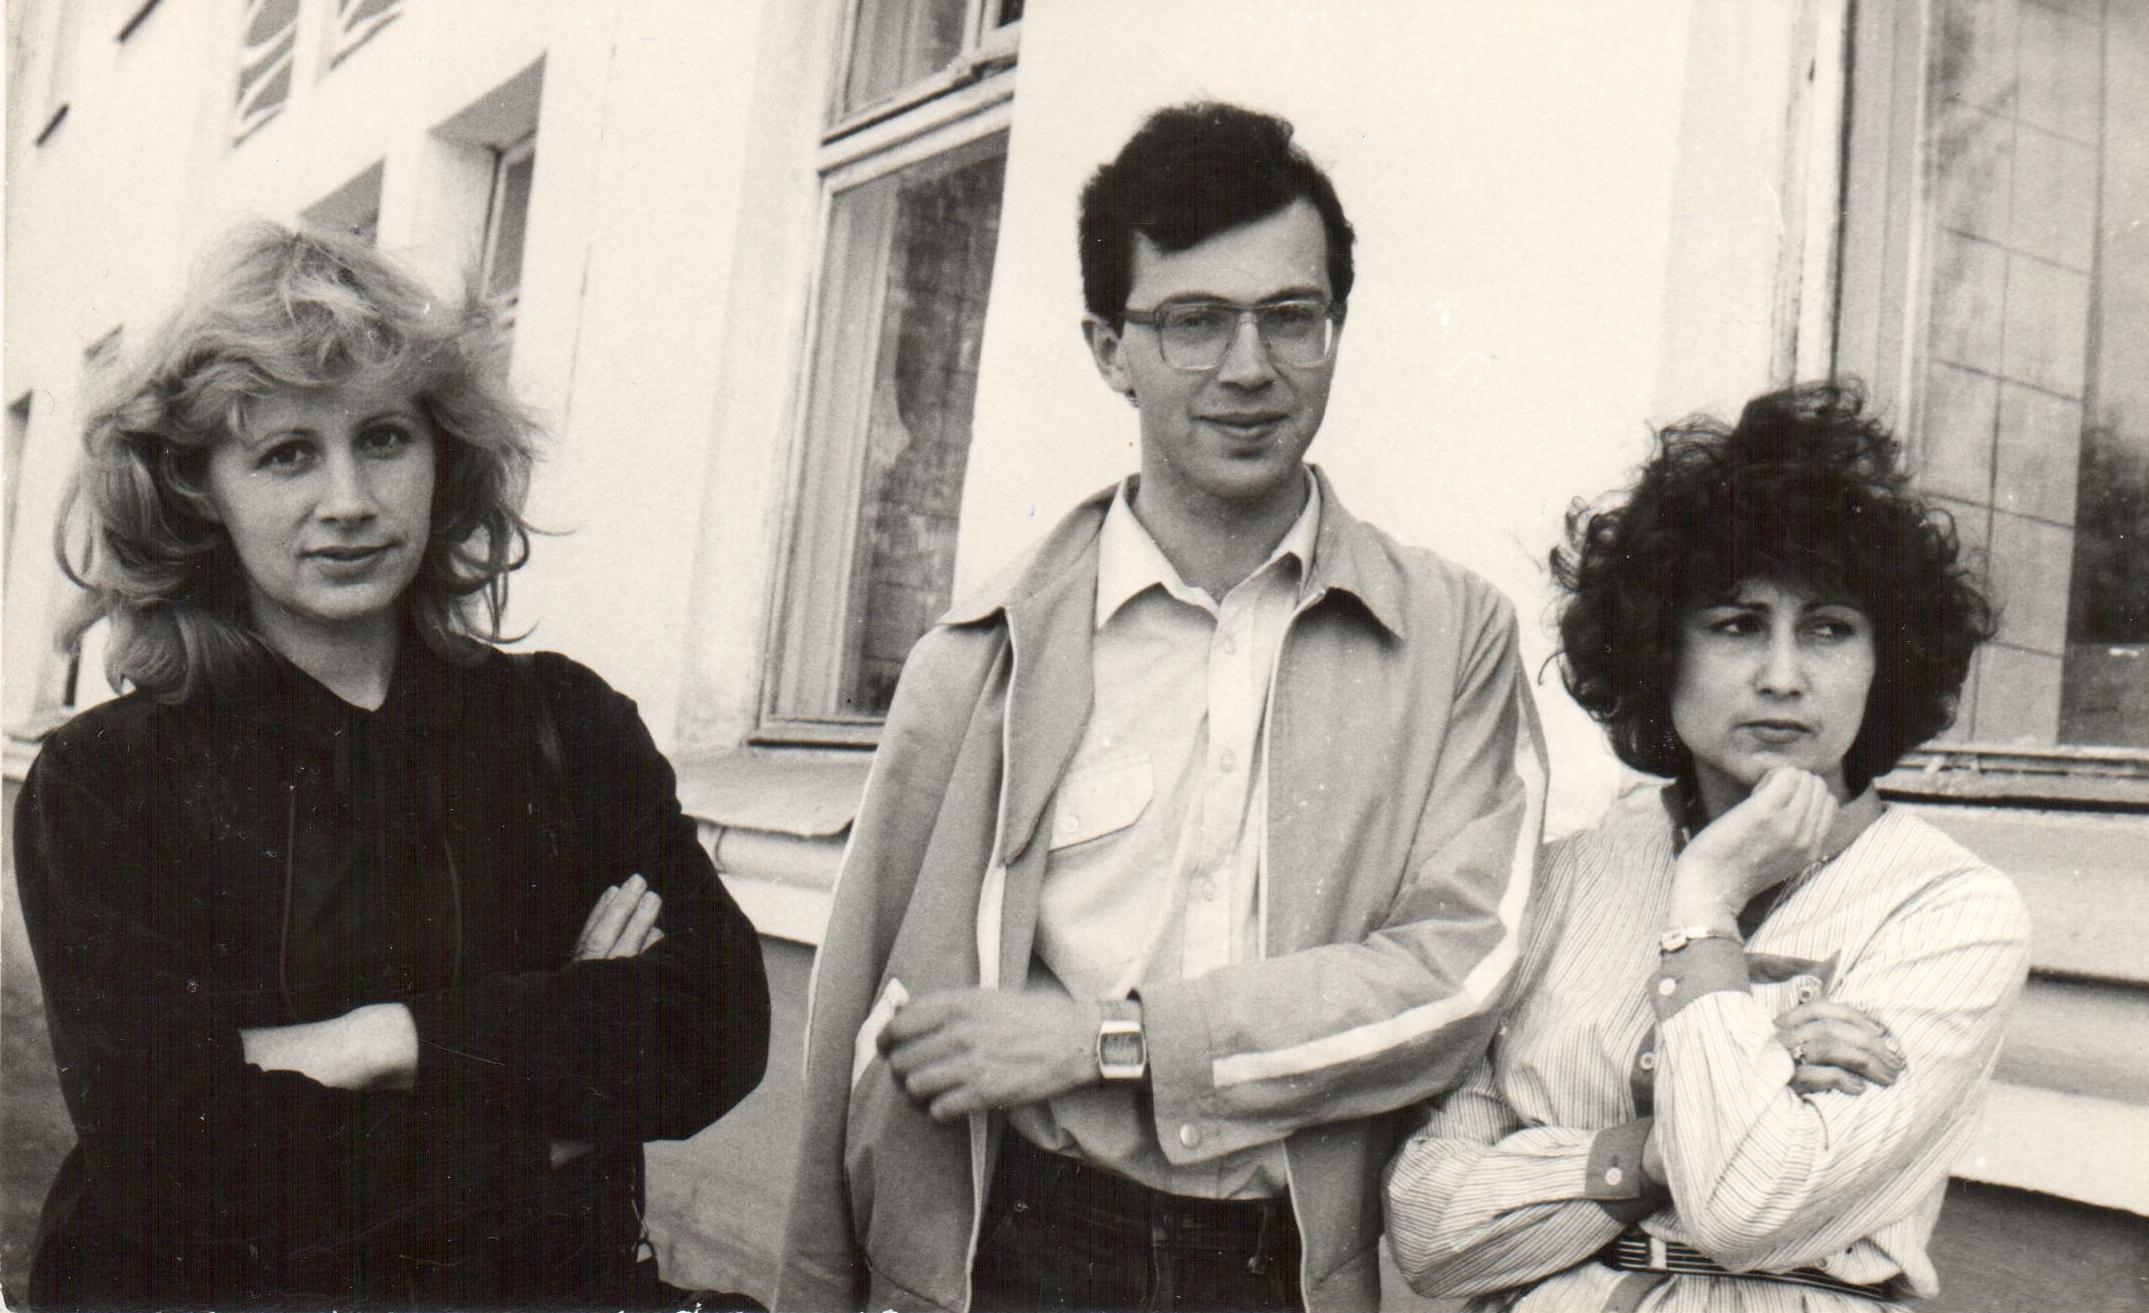 Ирина Труханова, Сергей Федоров, Людмила Круглова возле дома печати